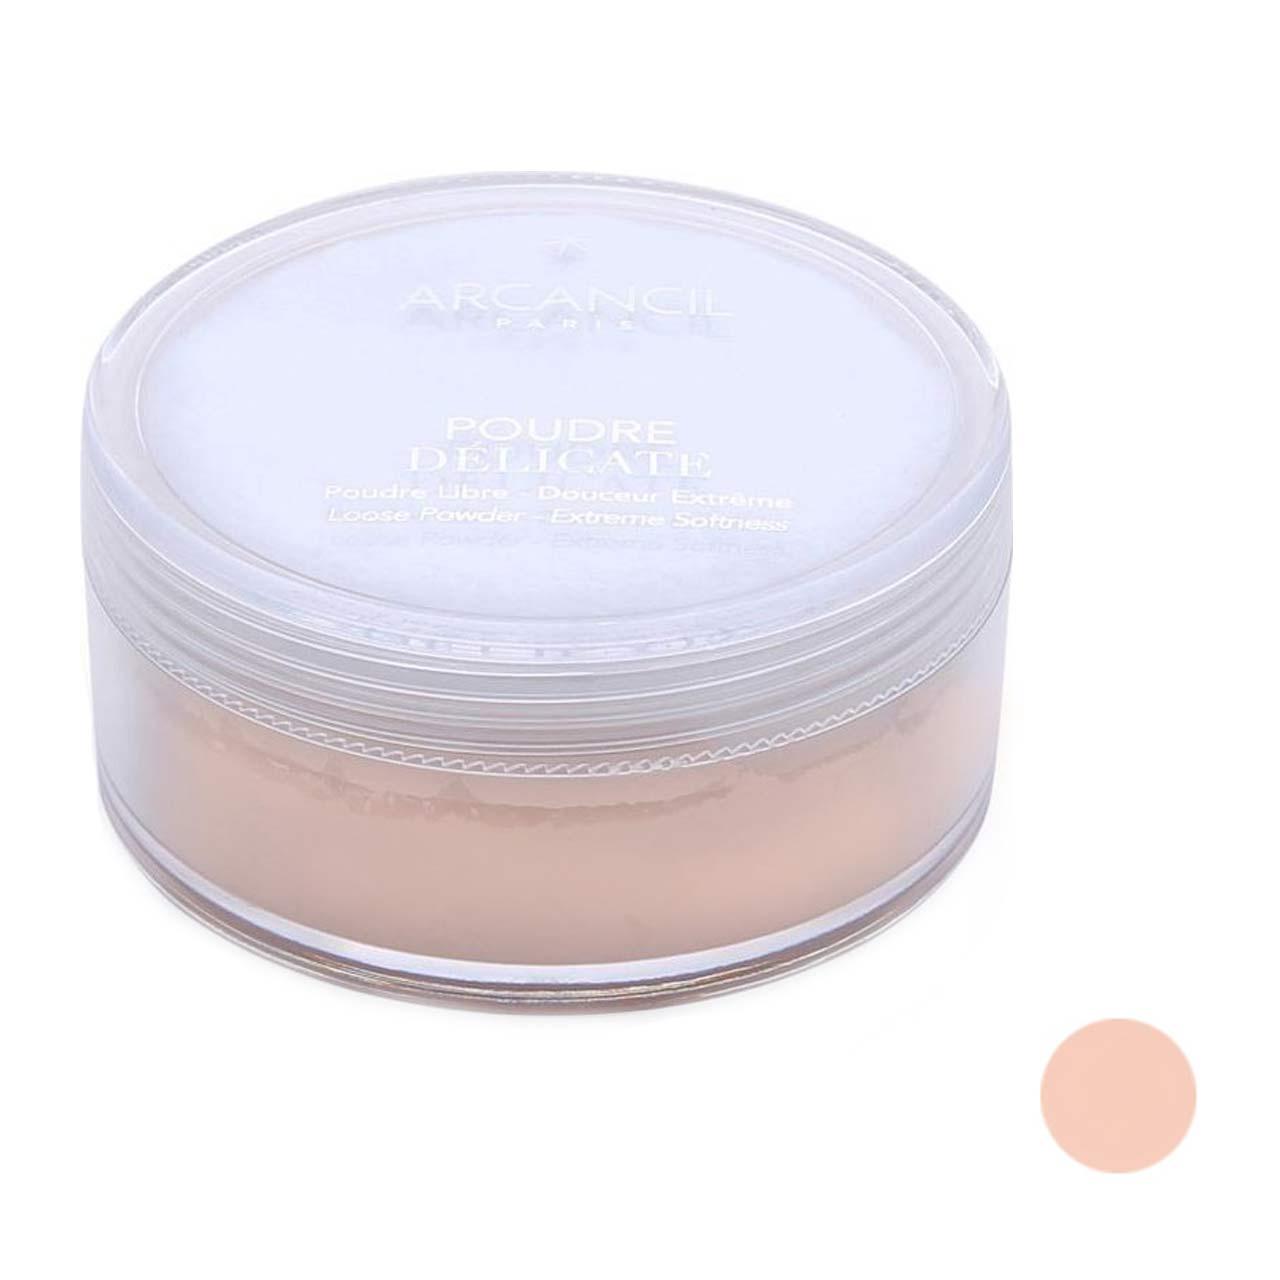 قیمت پودر تثبیت کننده آرایش آرکانسیل مدل poudre delicate شماره 003